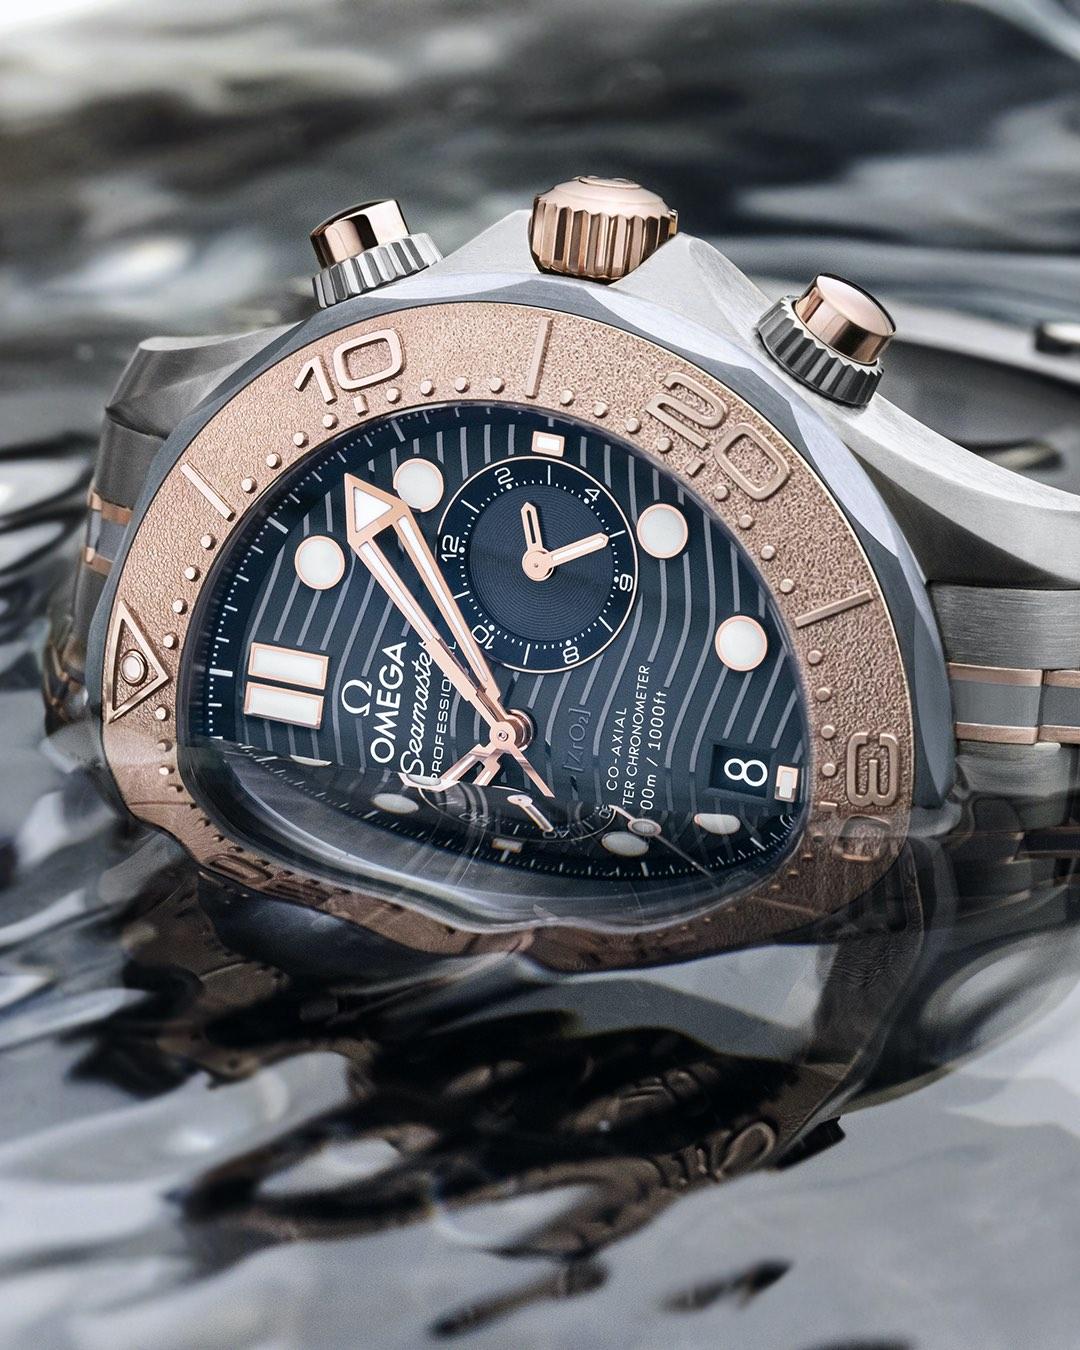 Omega Seamaster Diver 300m Chronograph sedna gold titanium tantalum - 6